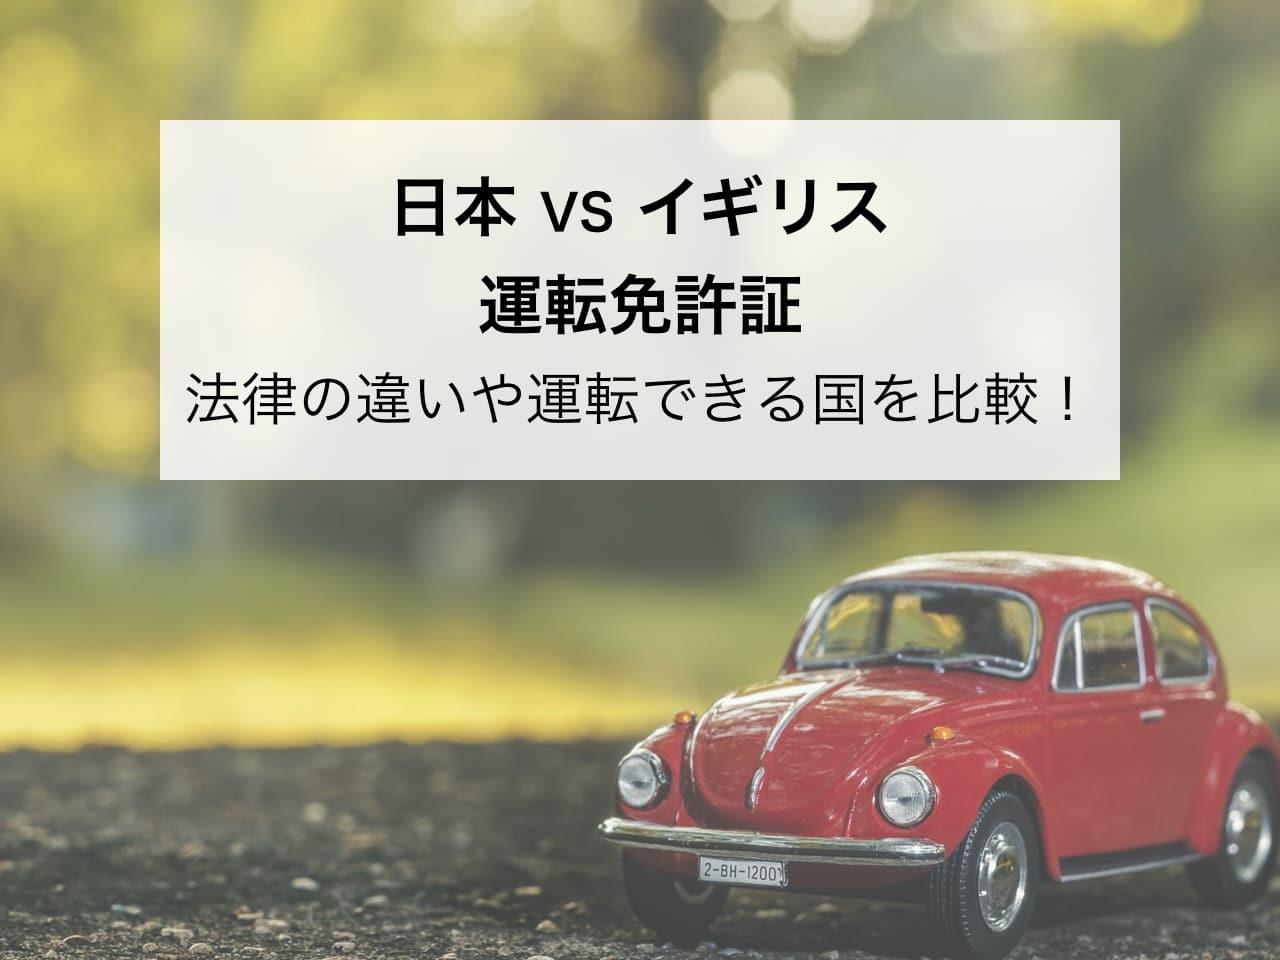 2020_05 minimal traveler, eyecatch, uk-jp-driverslicence